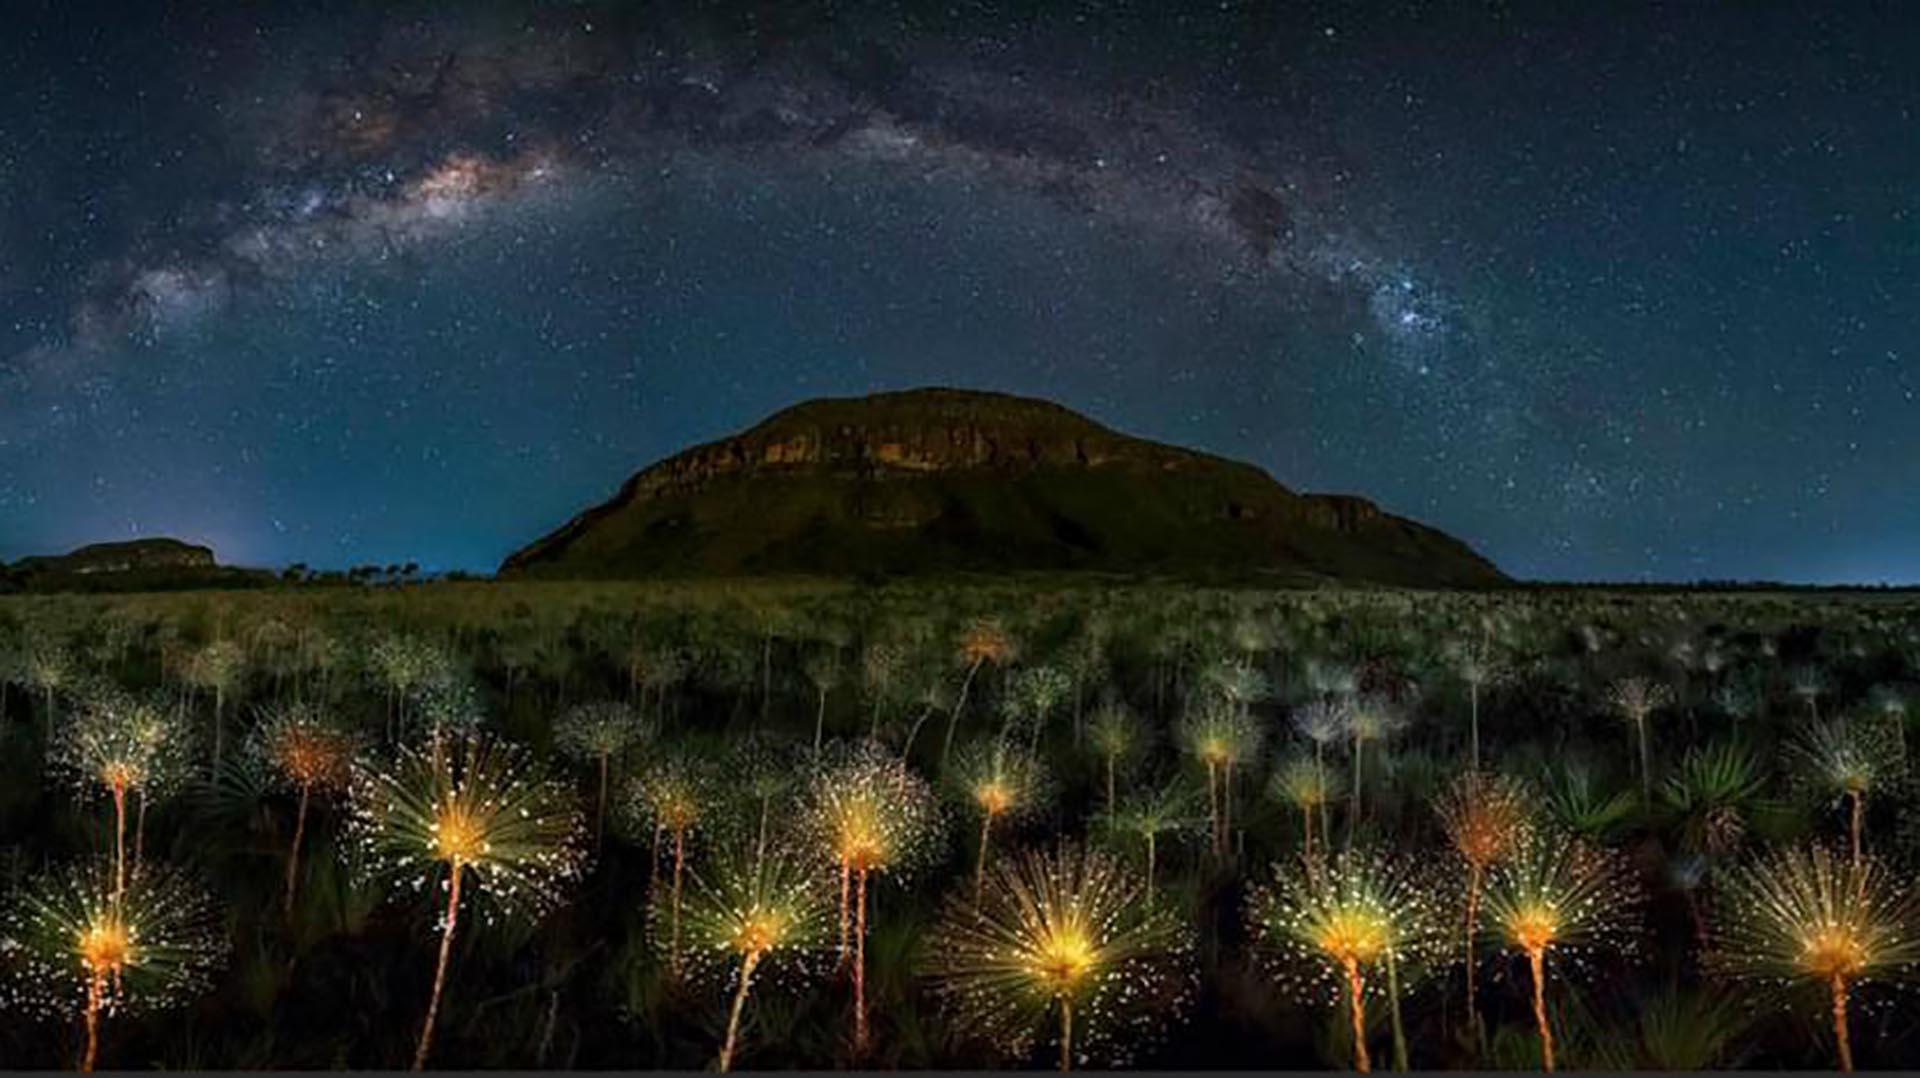 La ganadora en la categoría Long Exposition, es la del Parque Nacional de Veadeiros, en Brasil, de Marcio Cabral